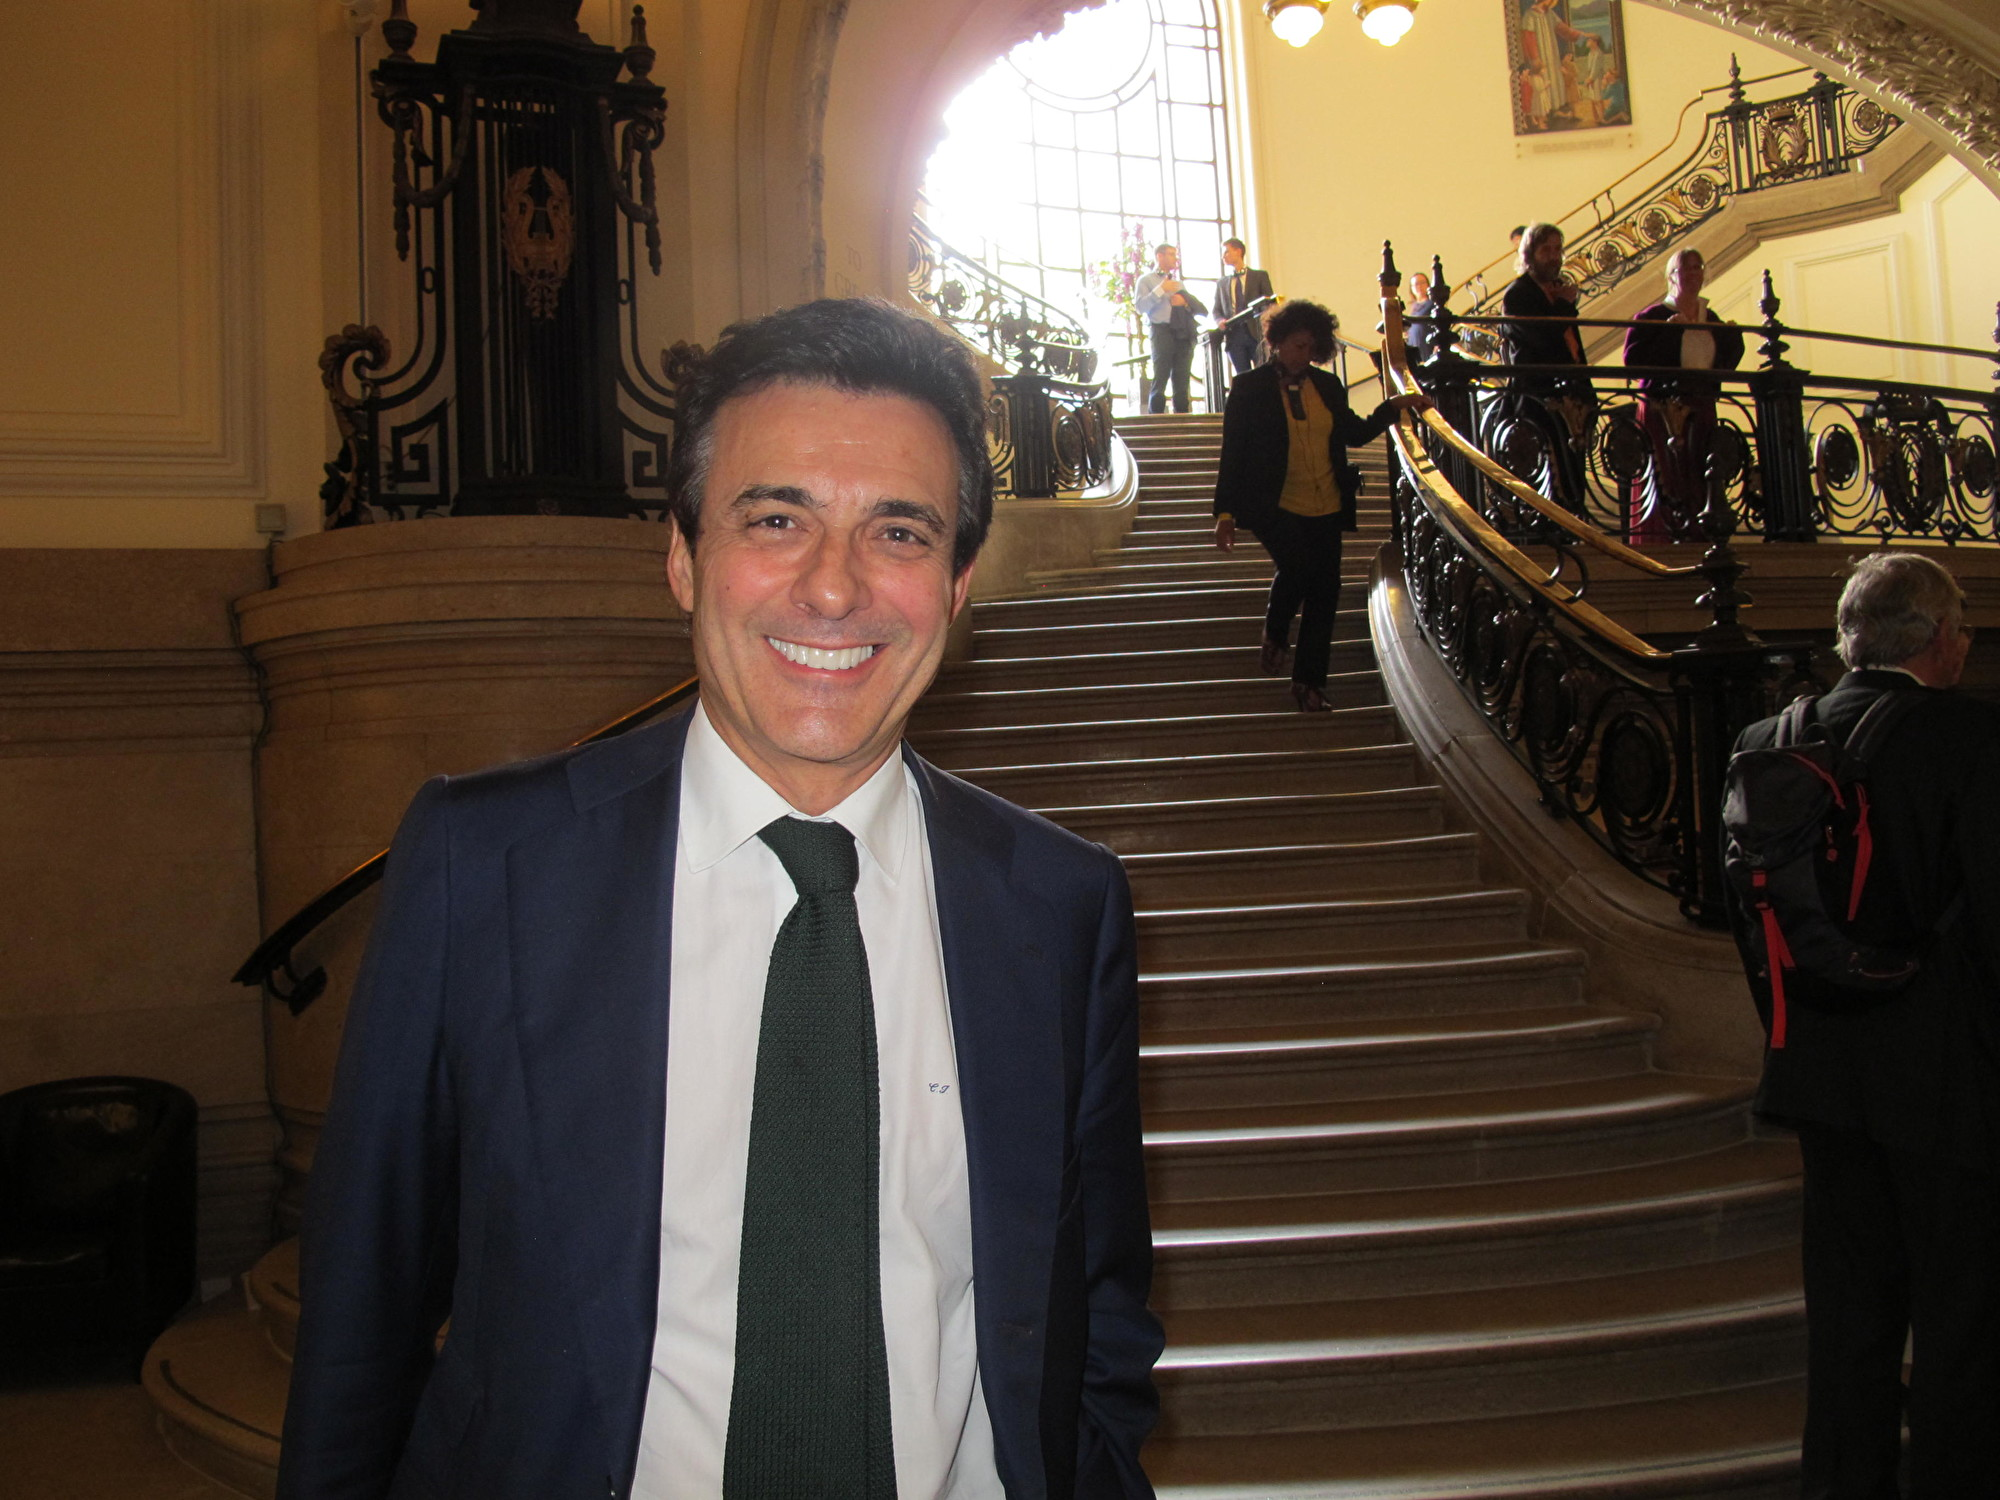 8月31日,著名人權律師、西班牙訴江第一人卡洛斯‧伊格萊西亞斯(Carlos Iglesias)參加了歐洲修煉心得交流會。(麥蕾/大紀元)